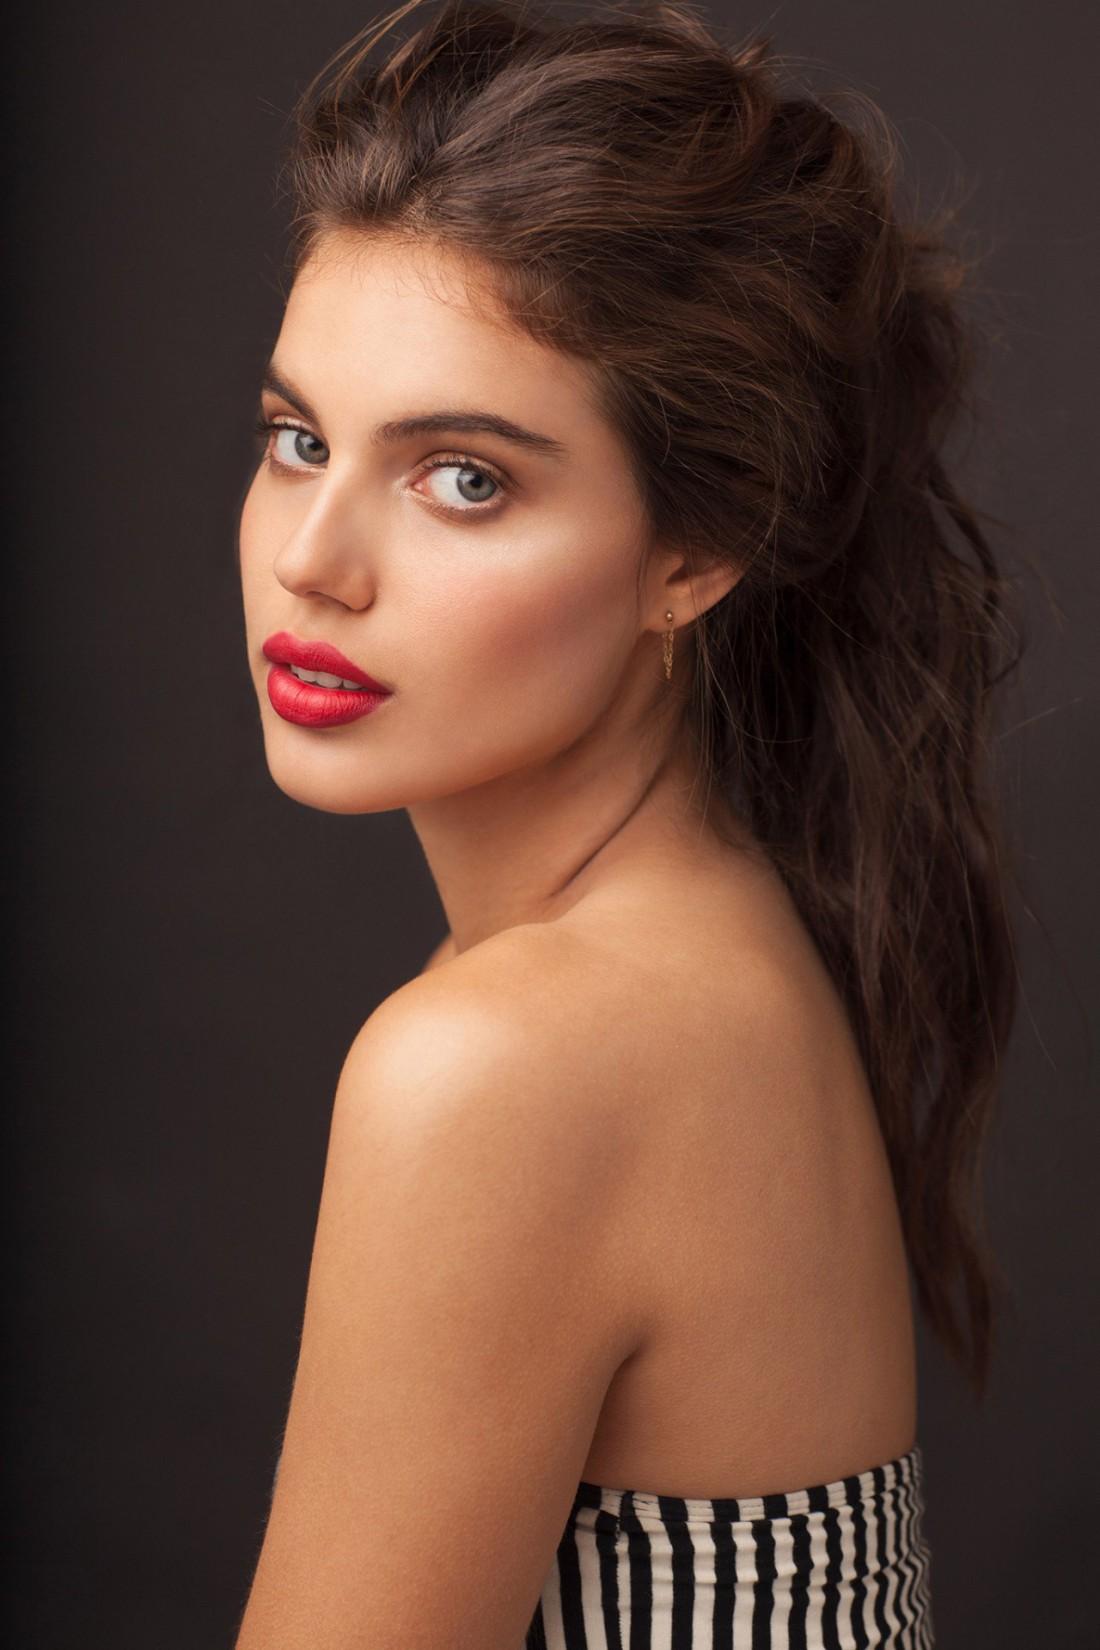 Шломит Малка – одна из самых популярных моделей из Израиля